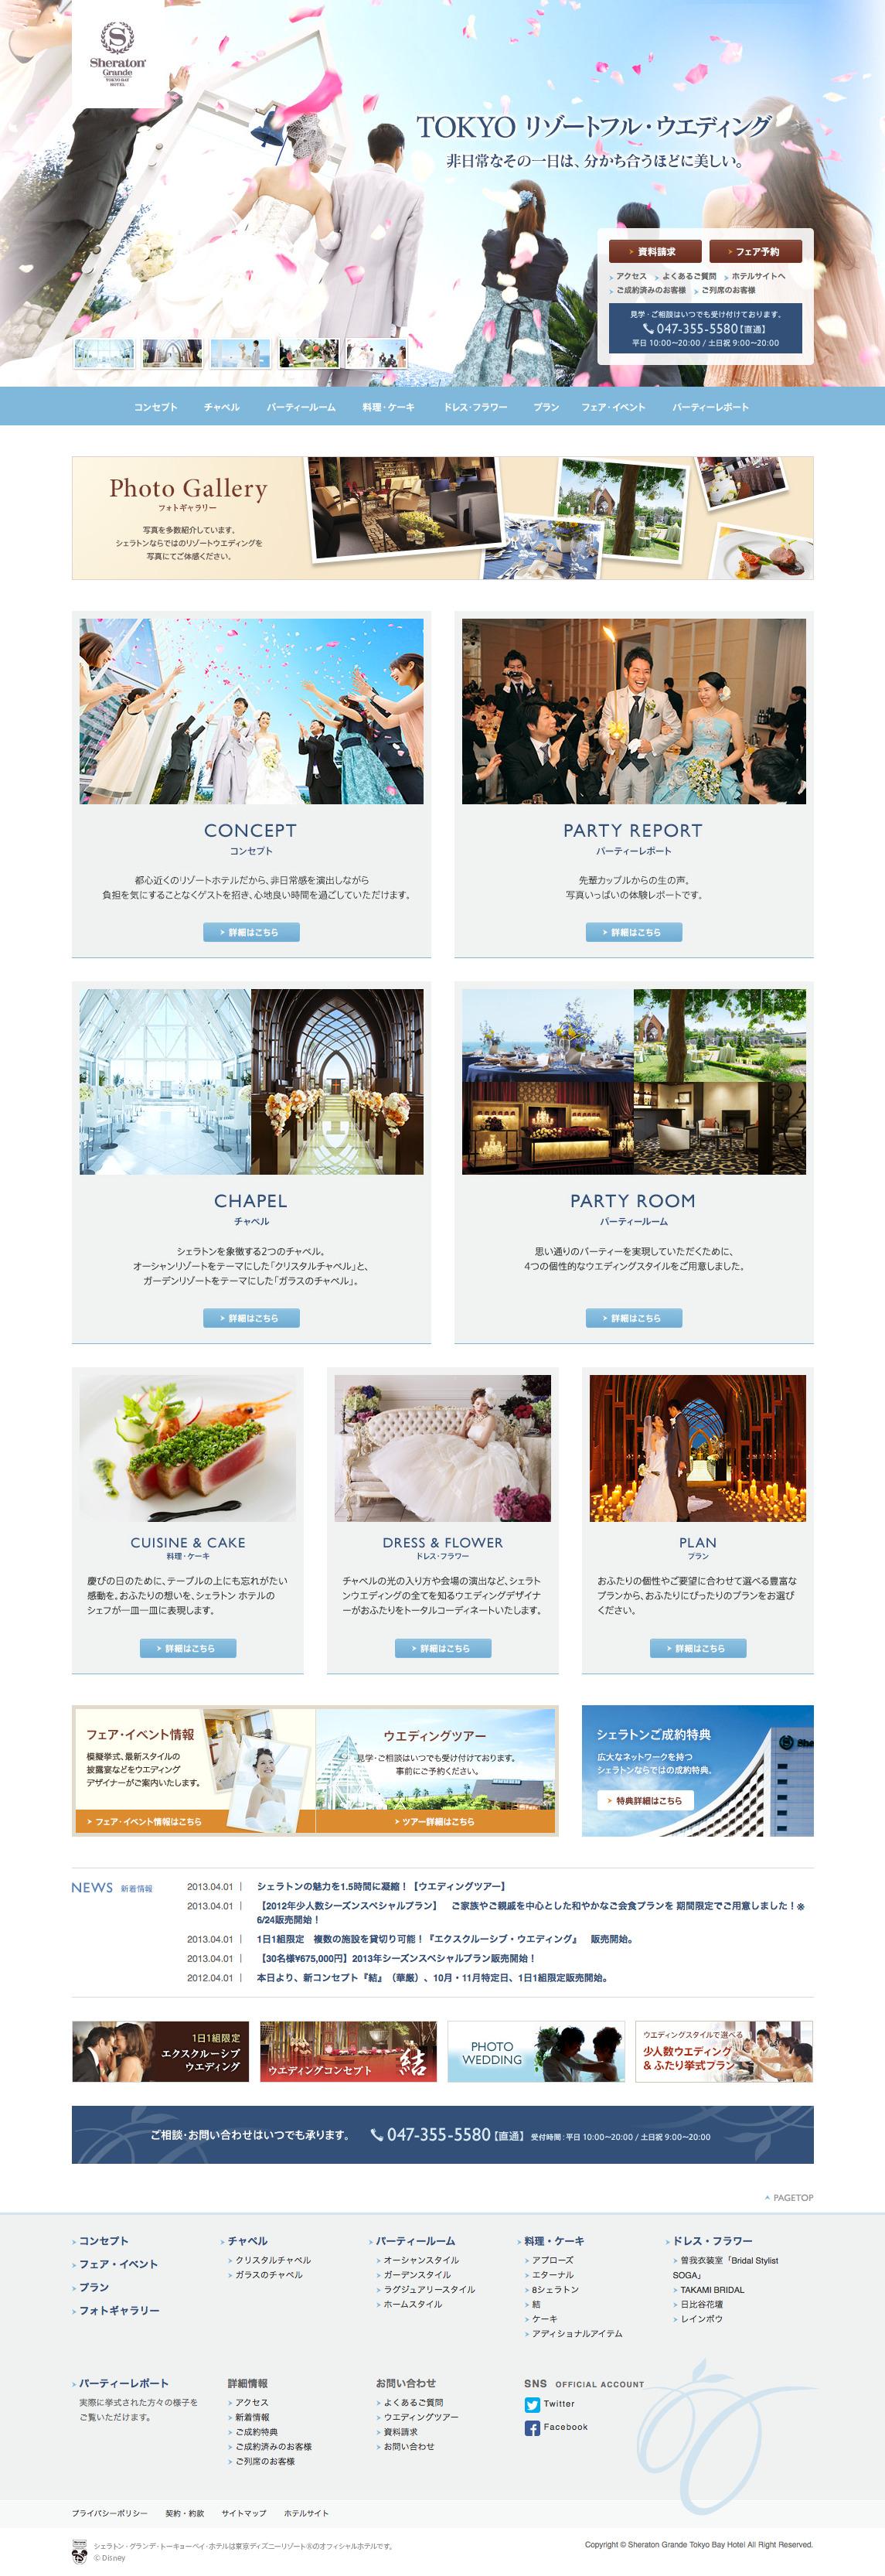 千葉舞浜の結婚式場なら シェラトン・グランデ・トーキョーベイ・ホテル